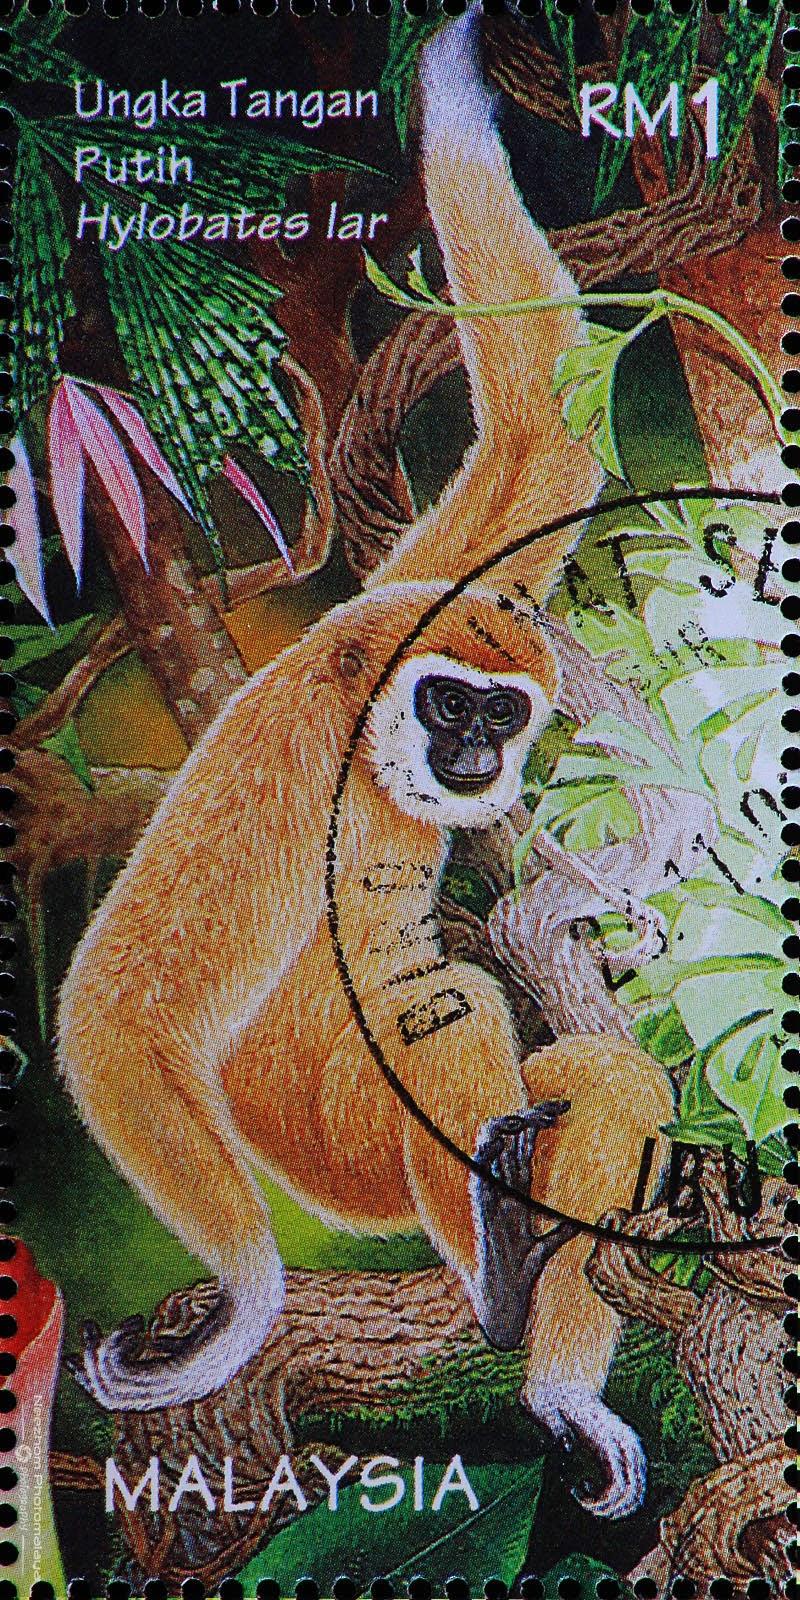 Malaysia 1996 Wildlife stamps - Lar Gibbon / Ungka Tangan Putih (Hylobates lar) RM1